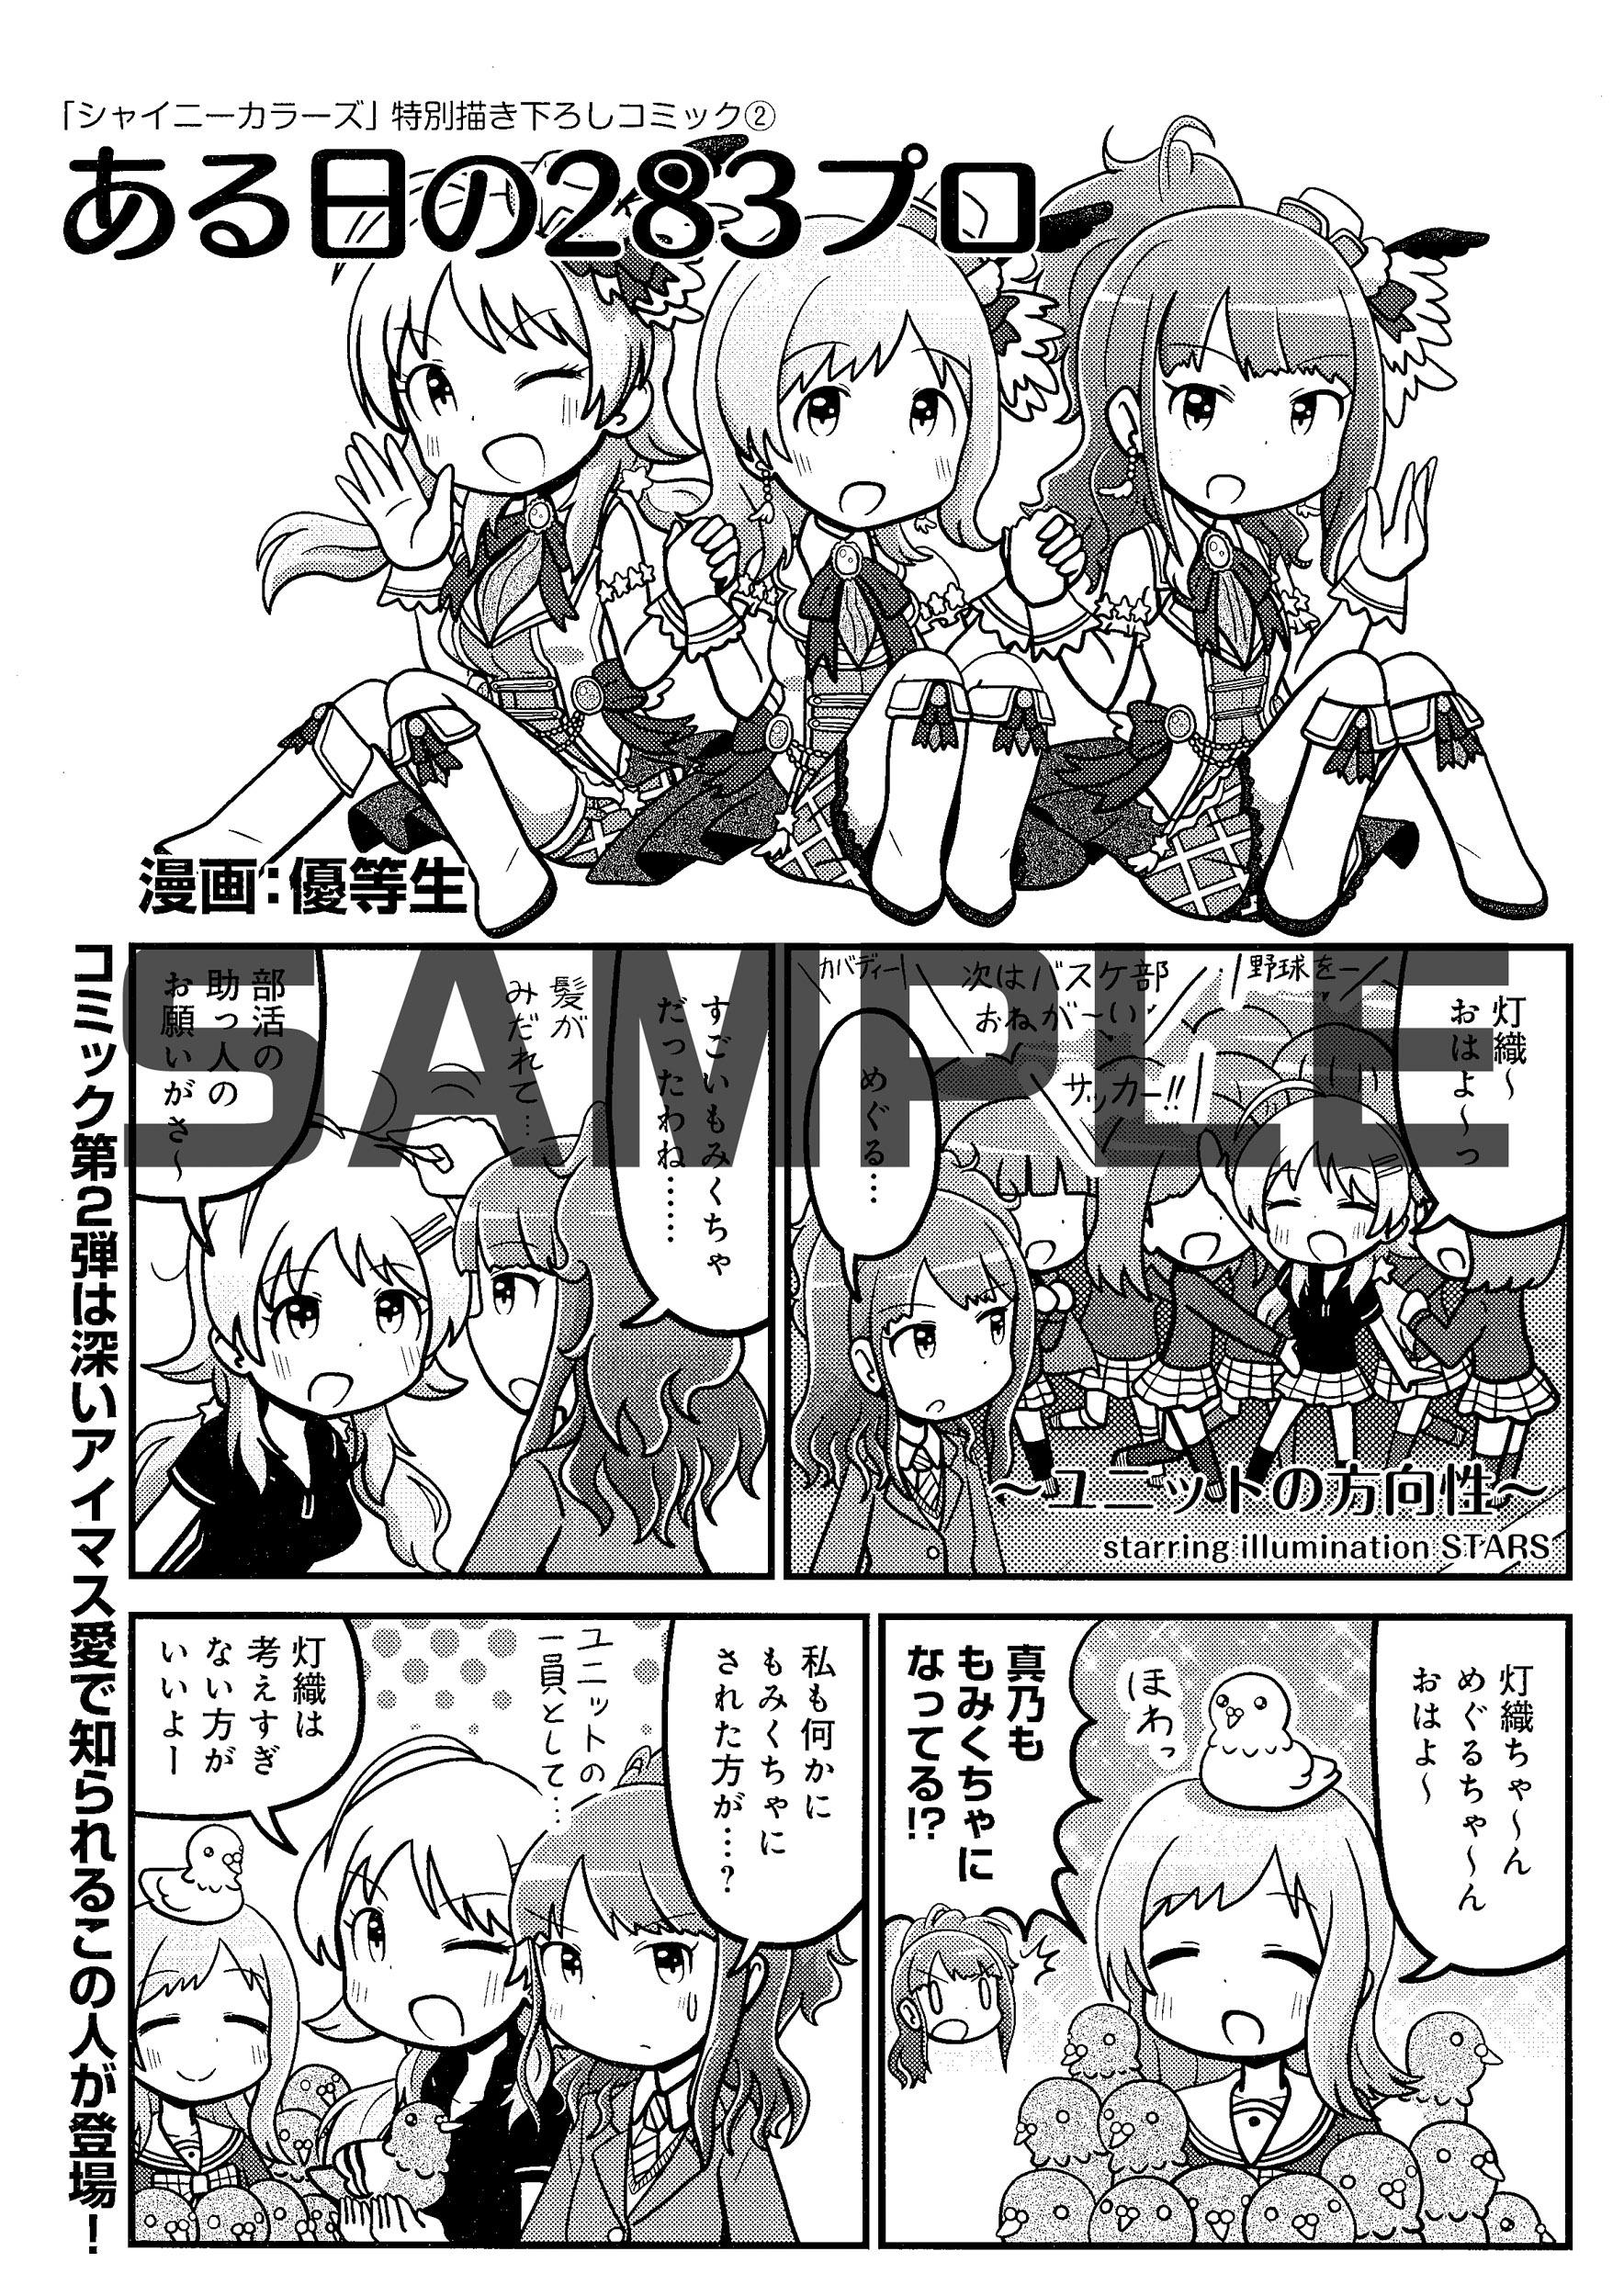 『アイドルマスター シャイニーカラーズ ファーストガイドブック』紙面サンプル7